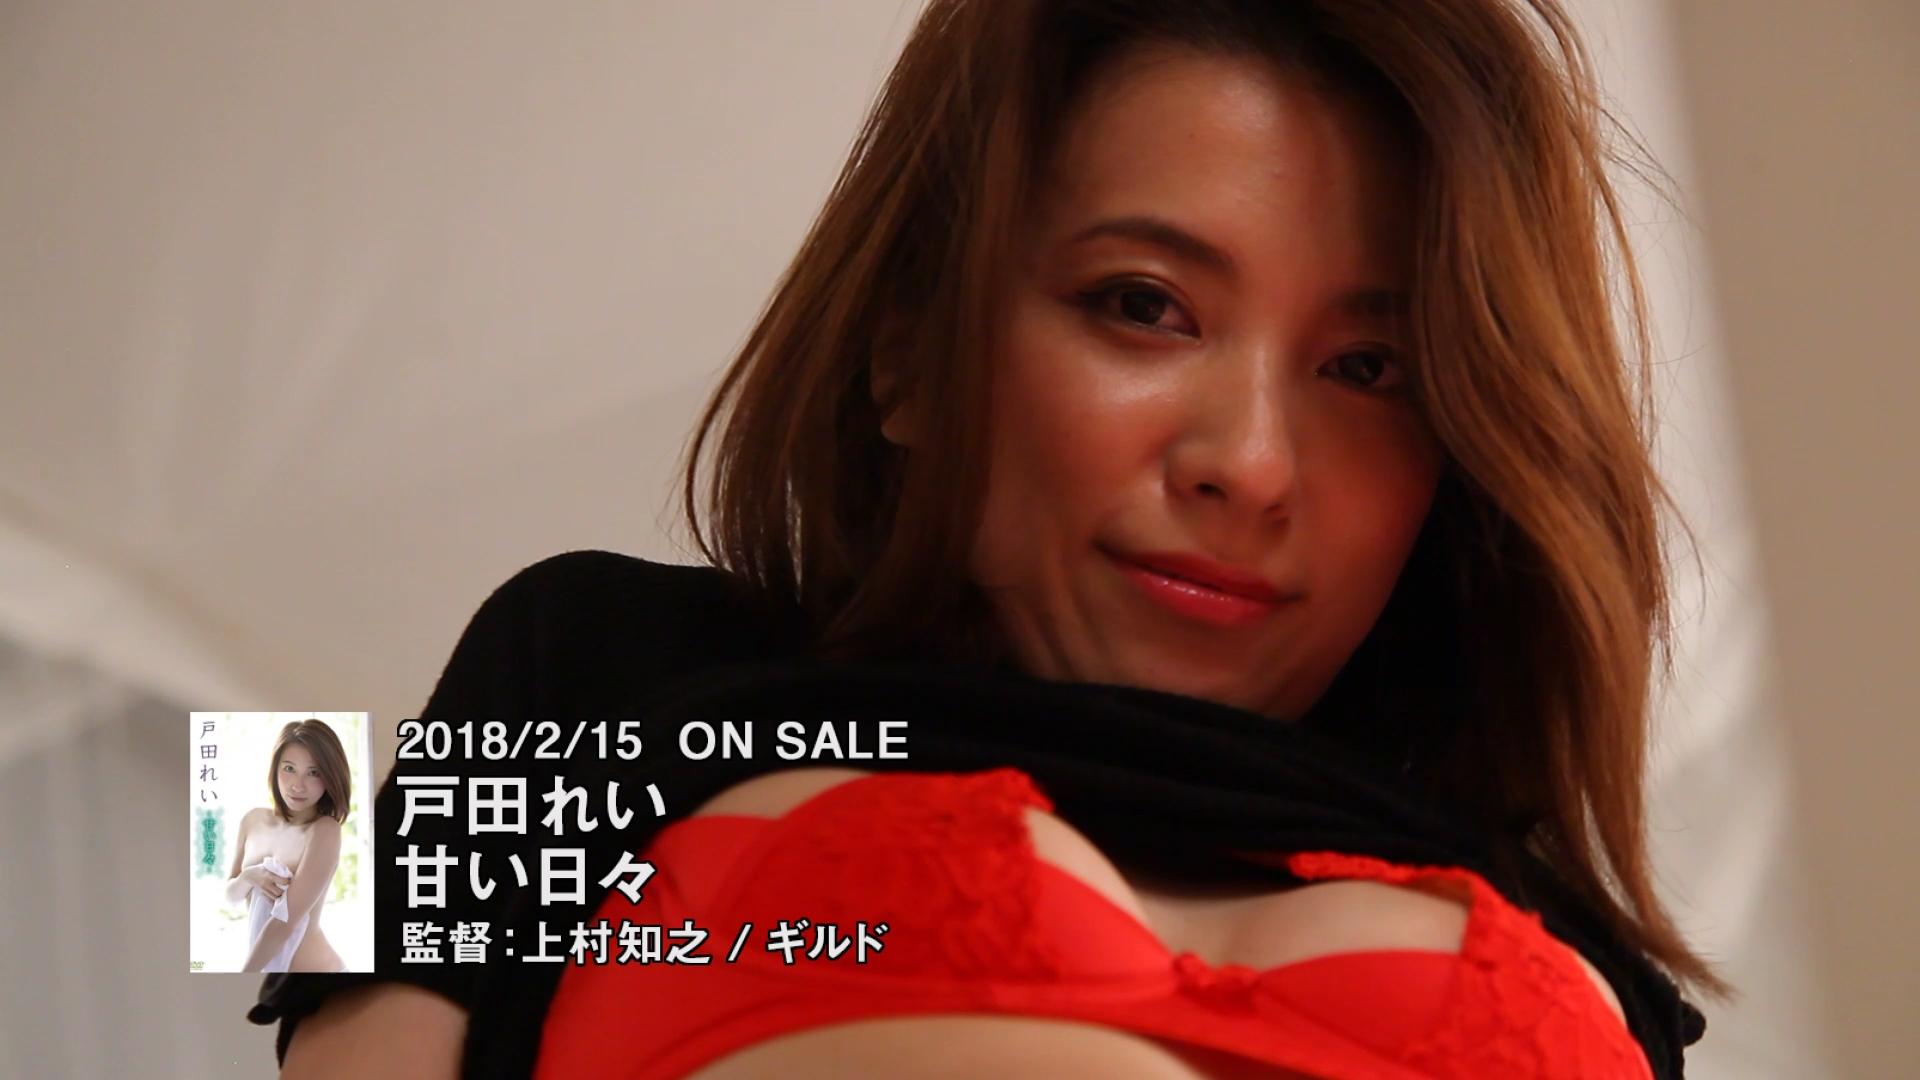 戸田れいのイメージDVDエロ画像046